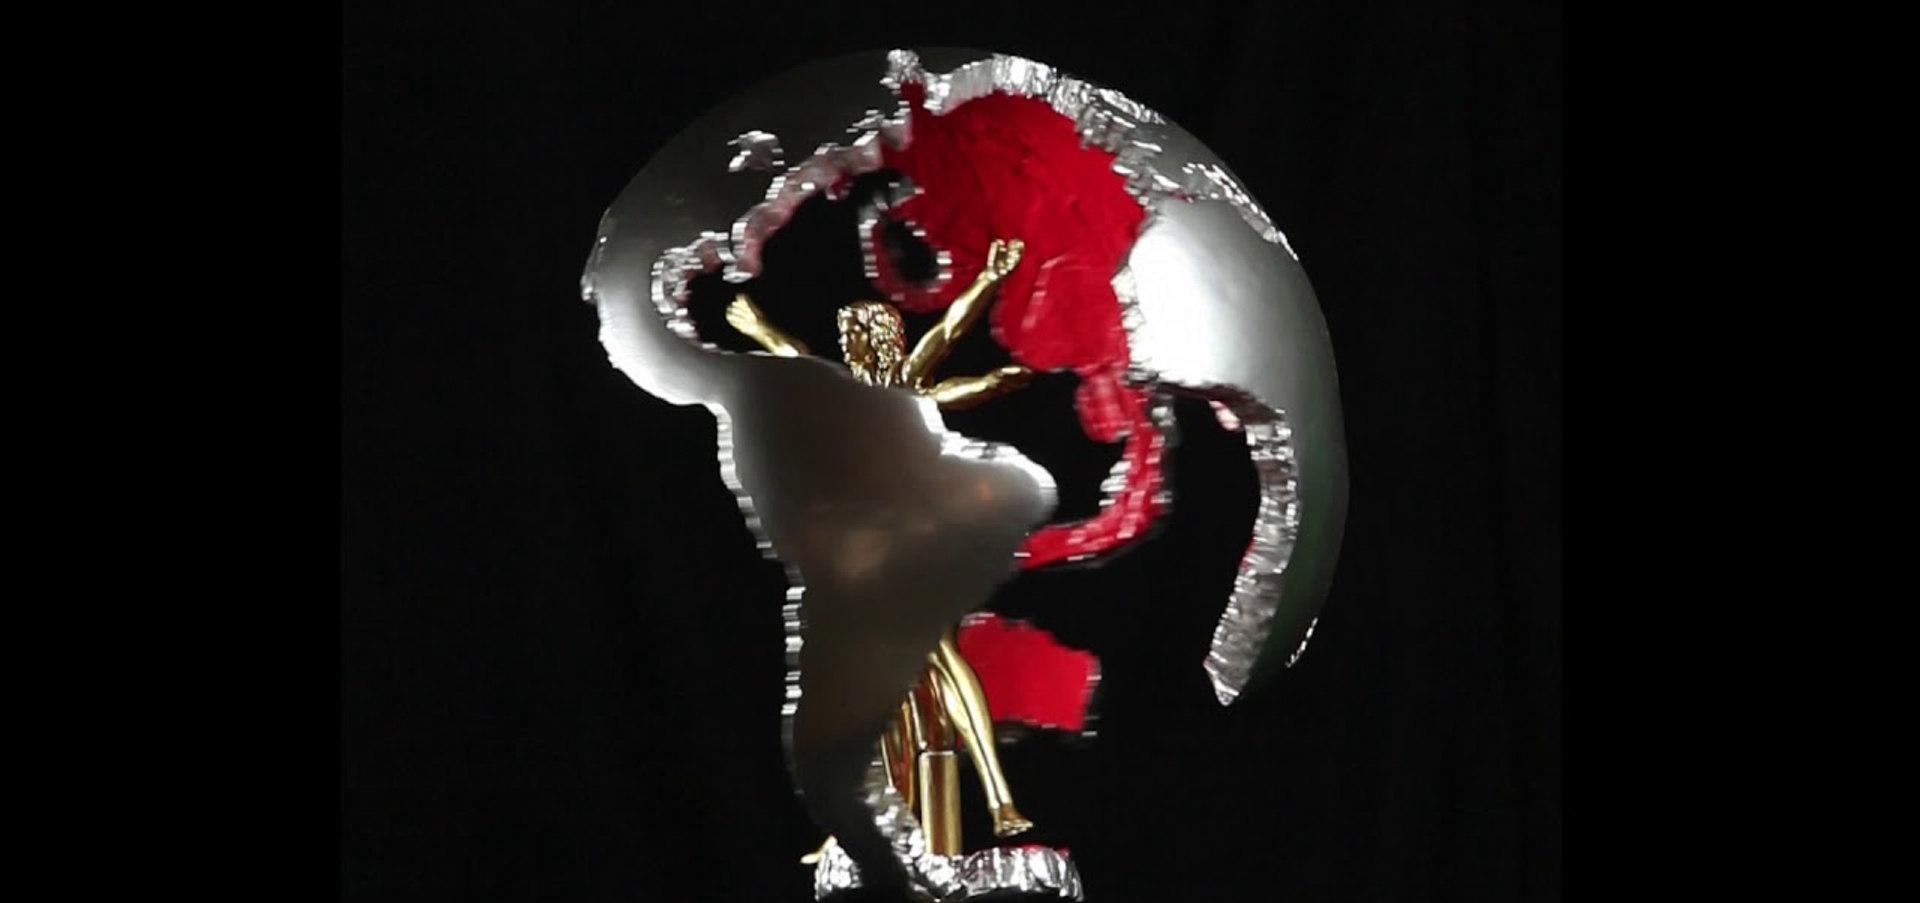 VIDEO Globe Fauvet vitruve